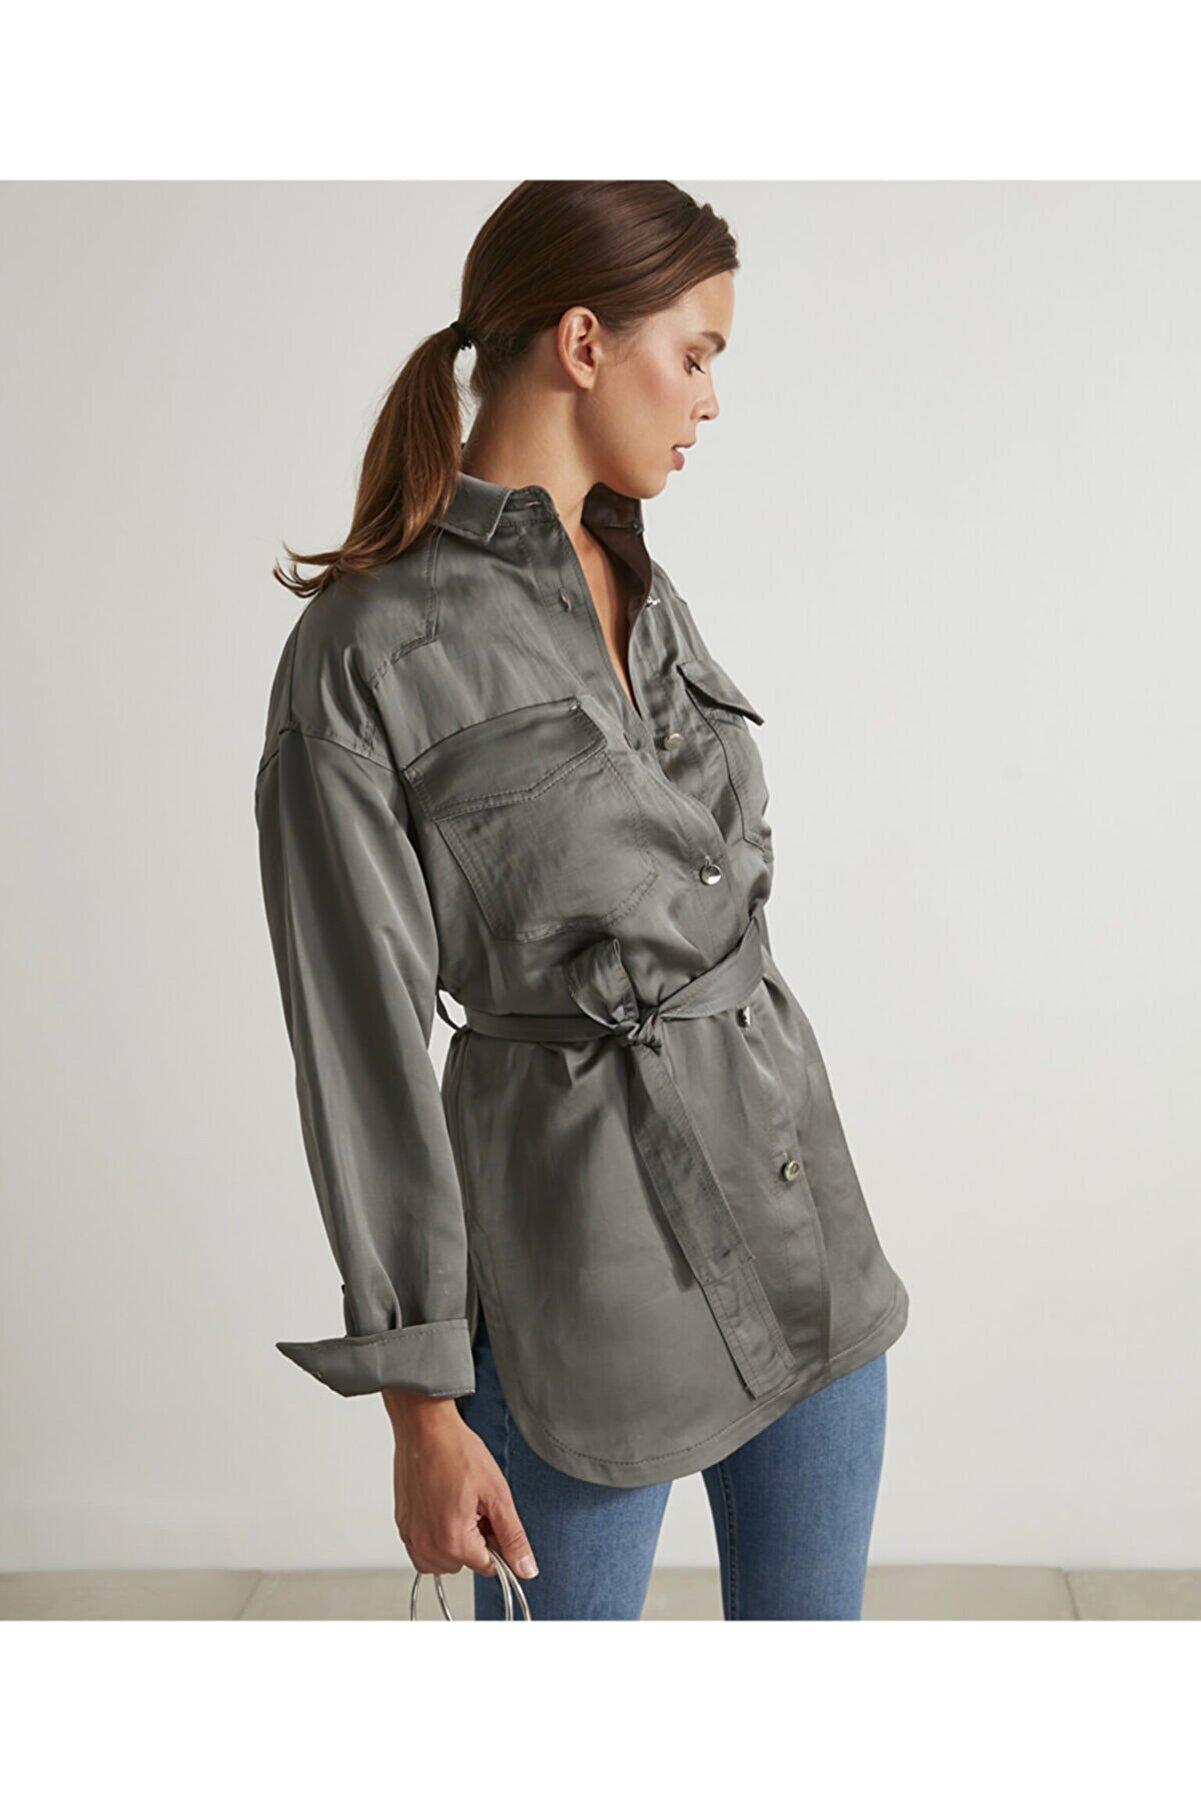 İpekyol Keten Karışımlı Gömlek Ceket